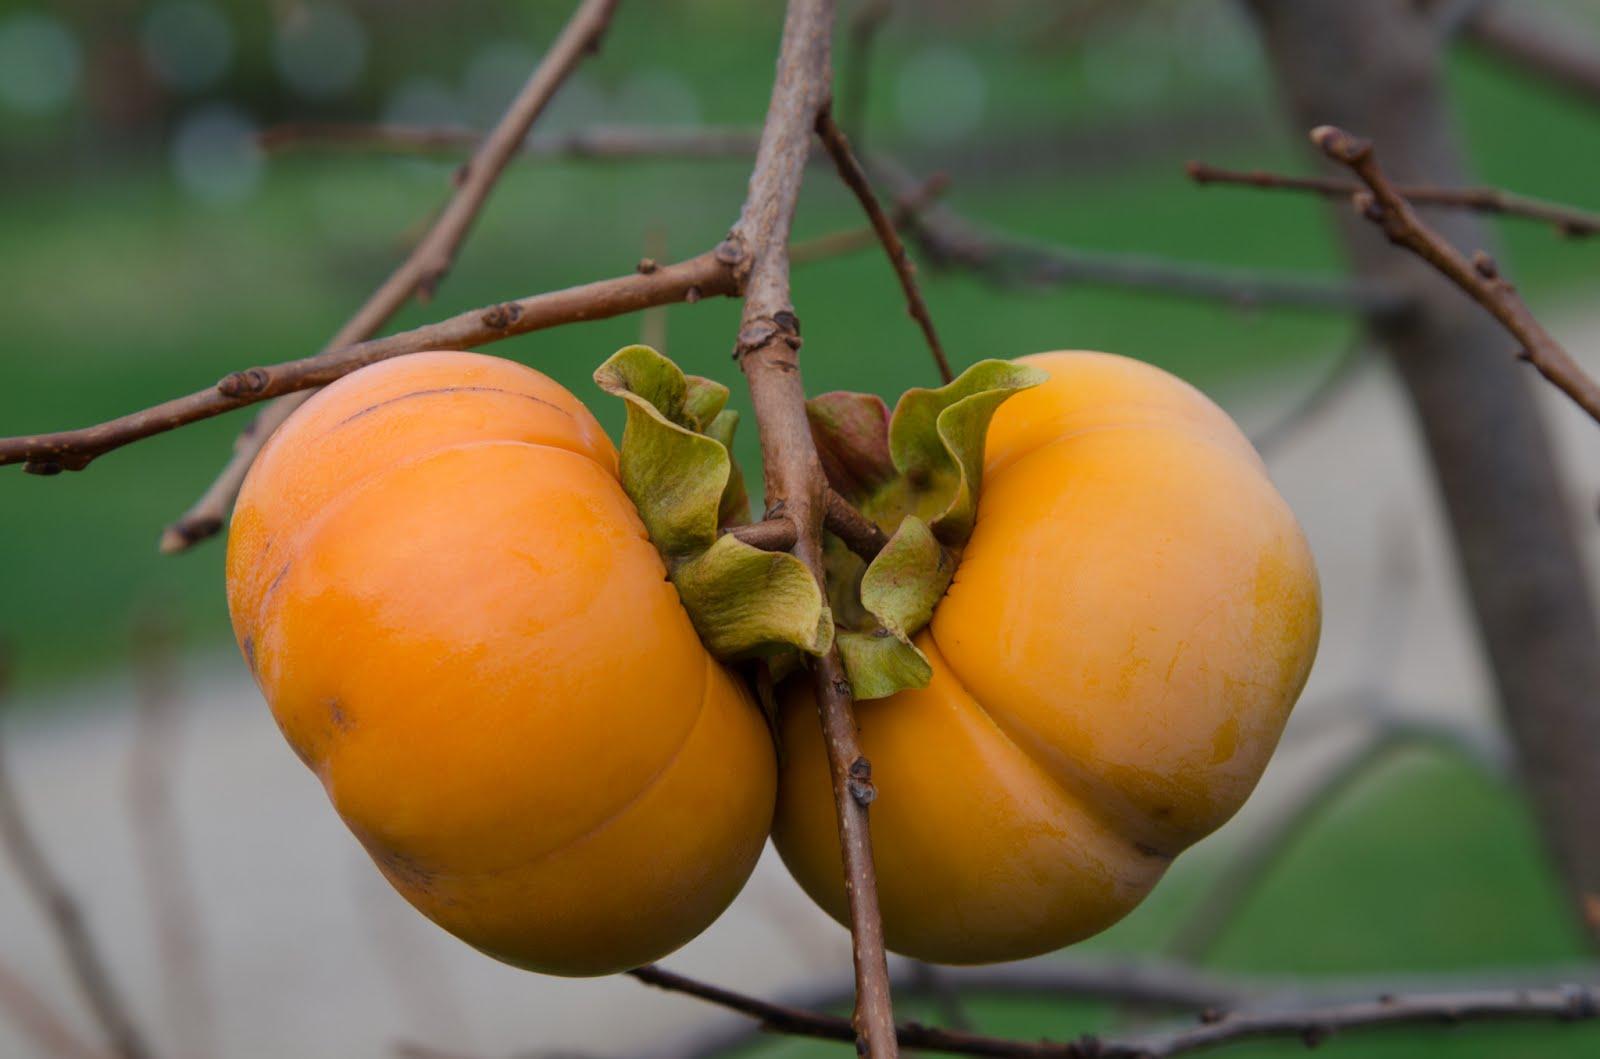 Baum des Tages: ungewöhnliche Früchte des Herbstes